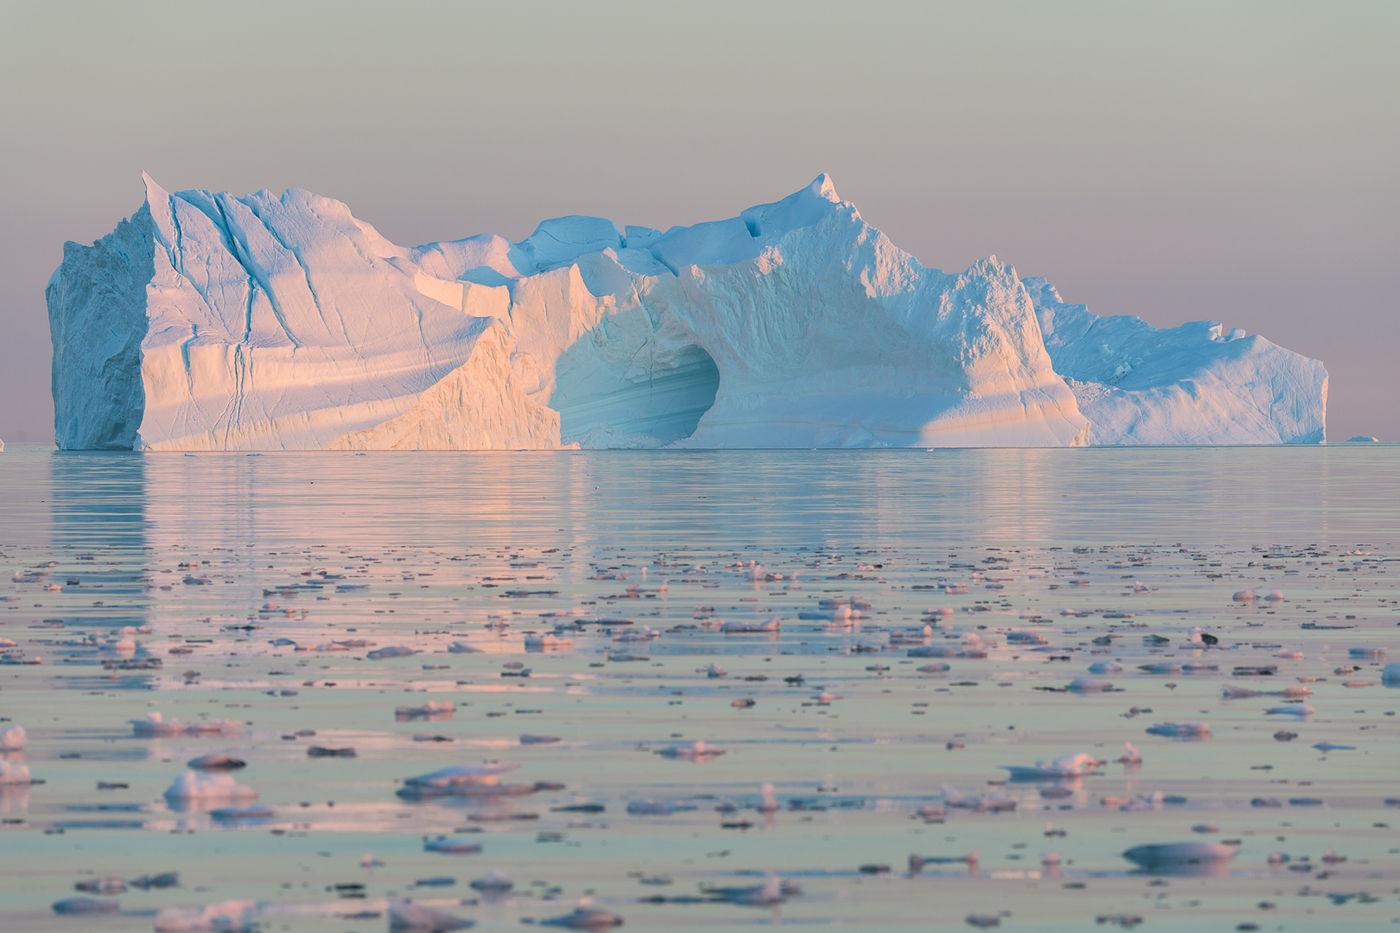 Een ijsberg bij zonsondergang. © Bart Heirweg